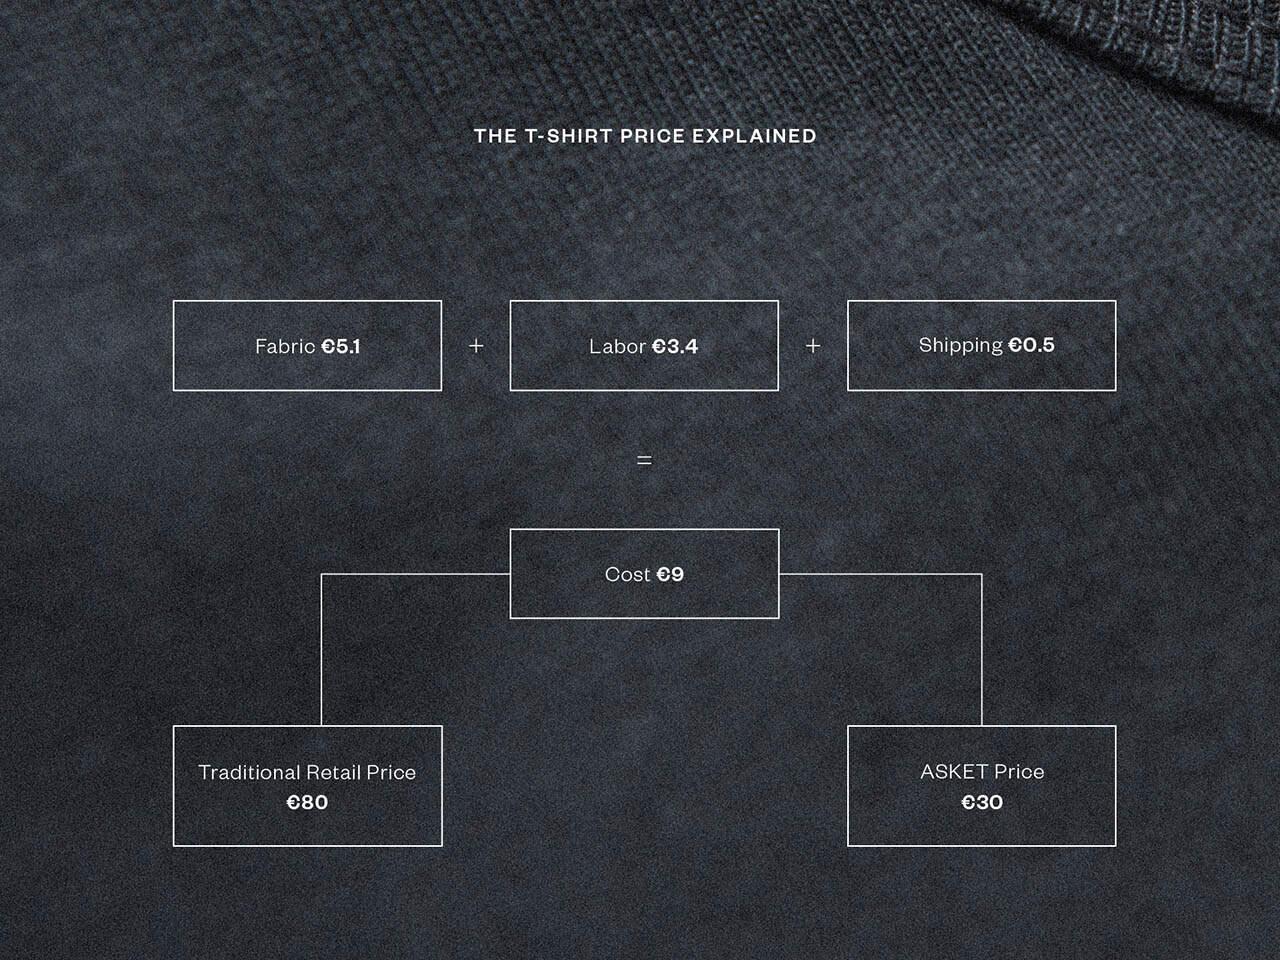 Asketin esitys t-paidan hinnanmuodostumisesta.